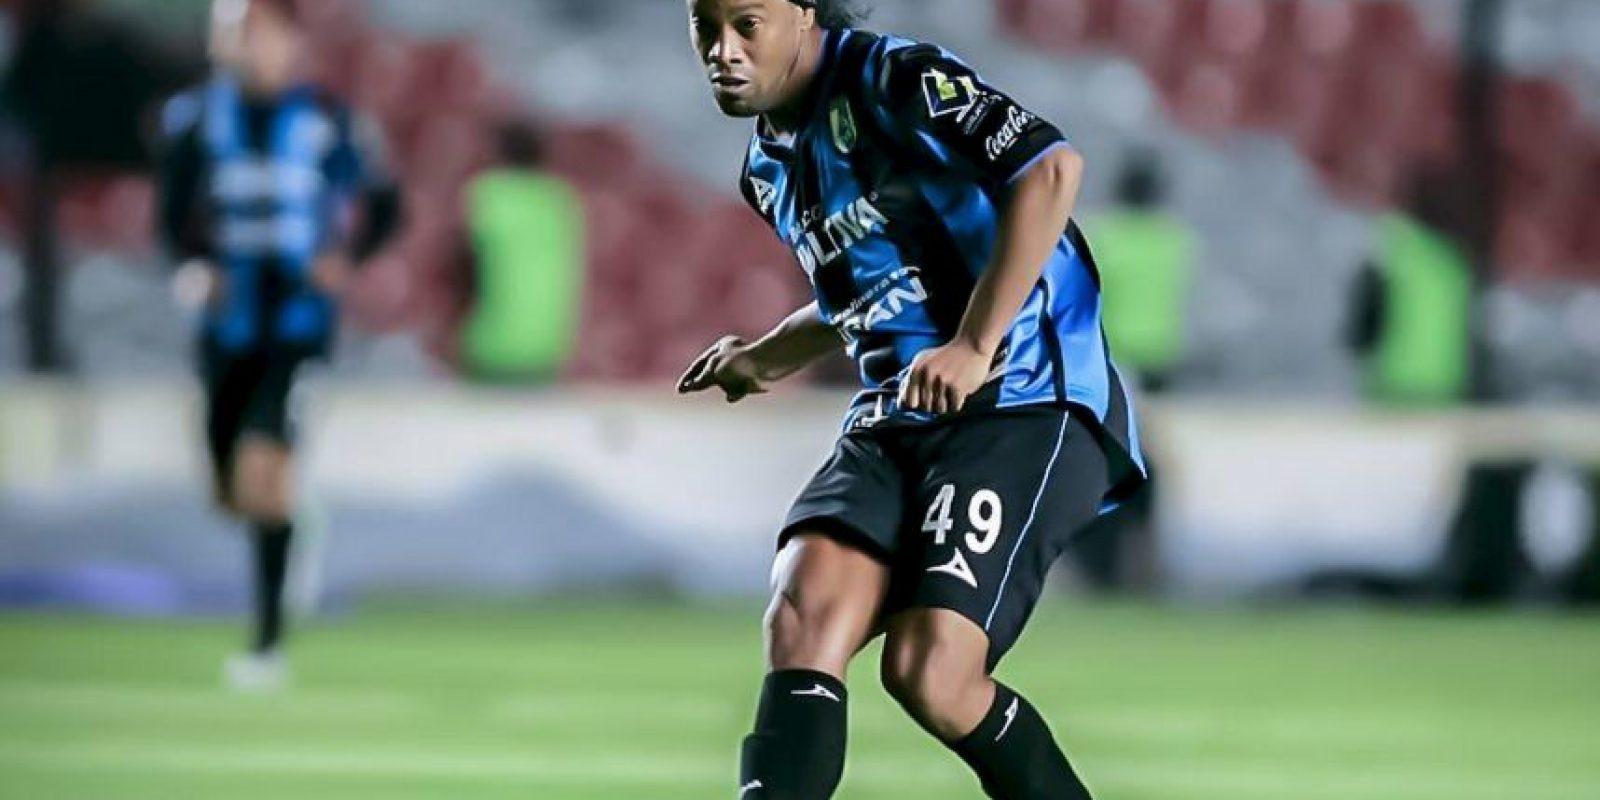 Solo ha marcado tres anotaciones desde que llegó a México Foto:Vía facebook.com/RonaldinhoOficial